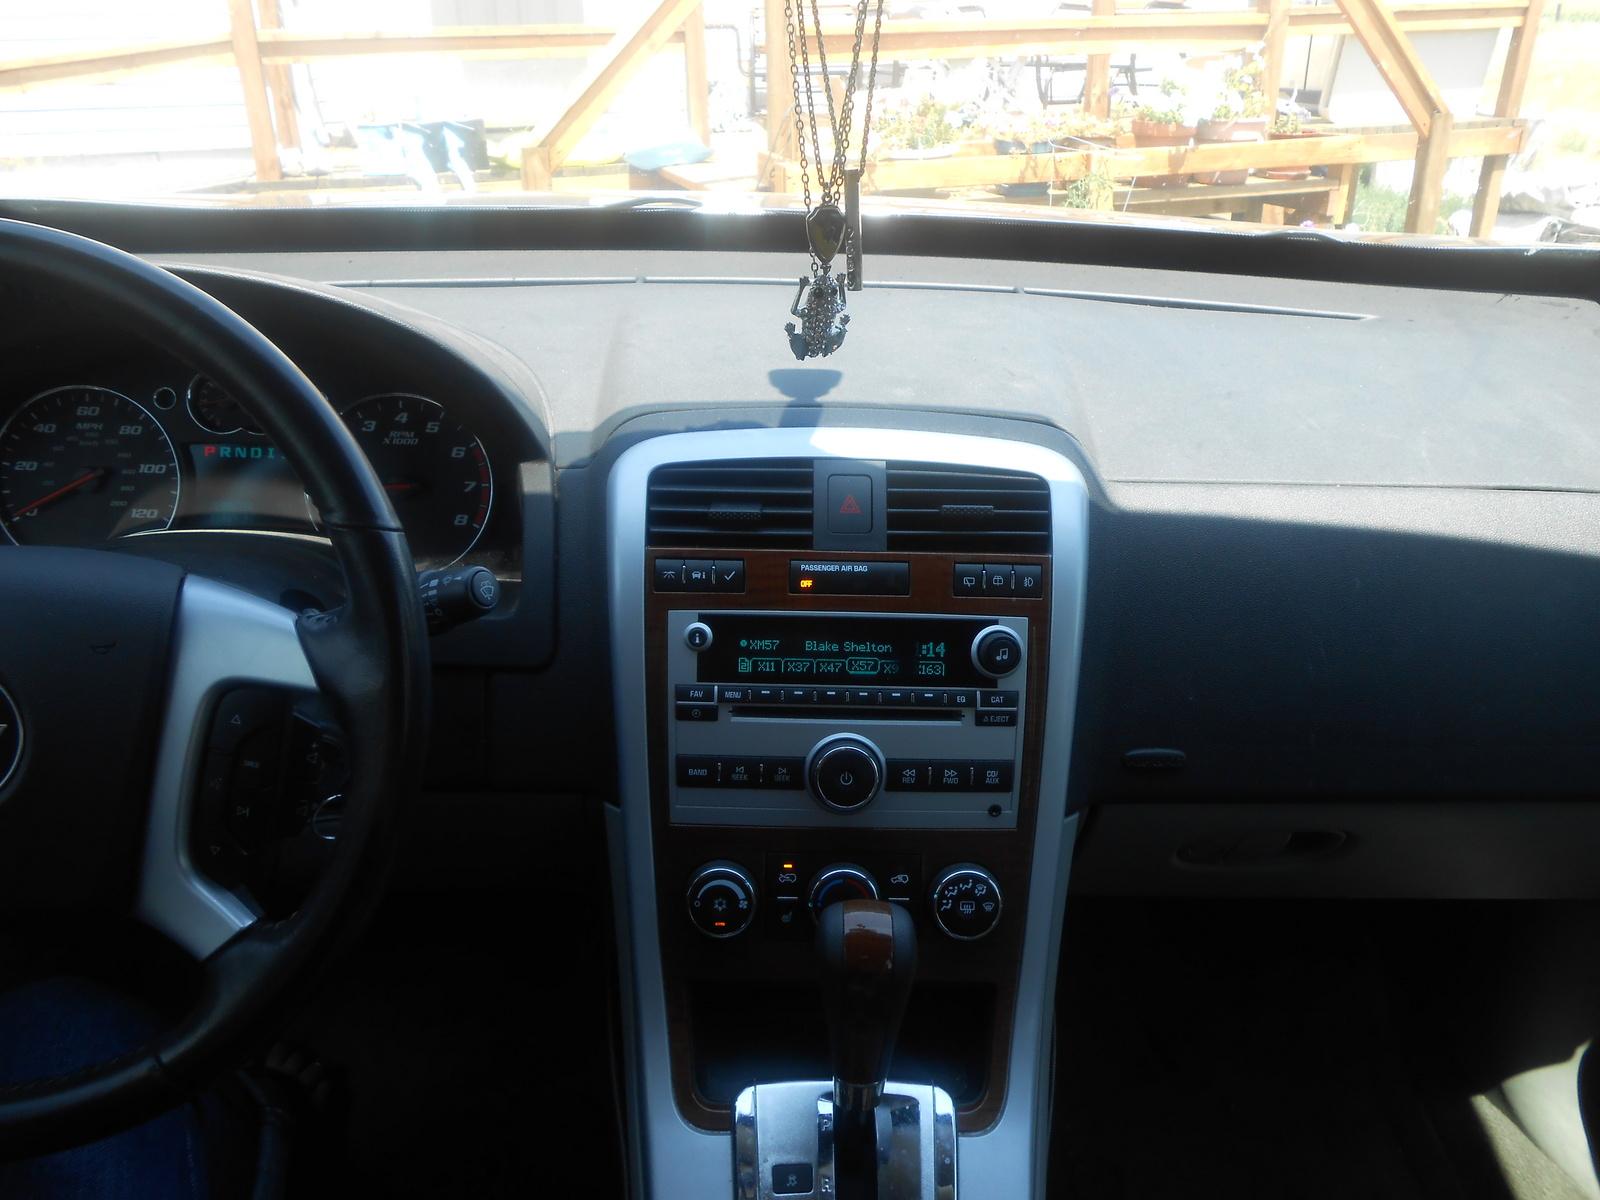 2008 Chevrolet Equinox Interior Pictures Cargurus